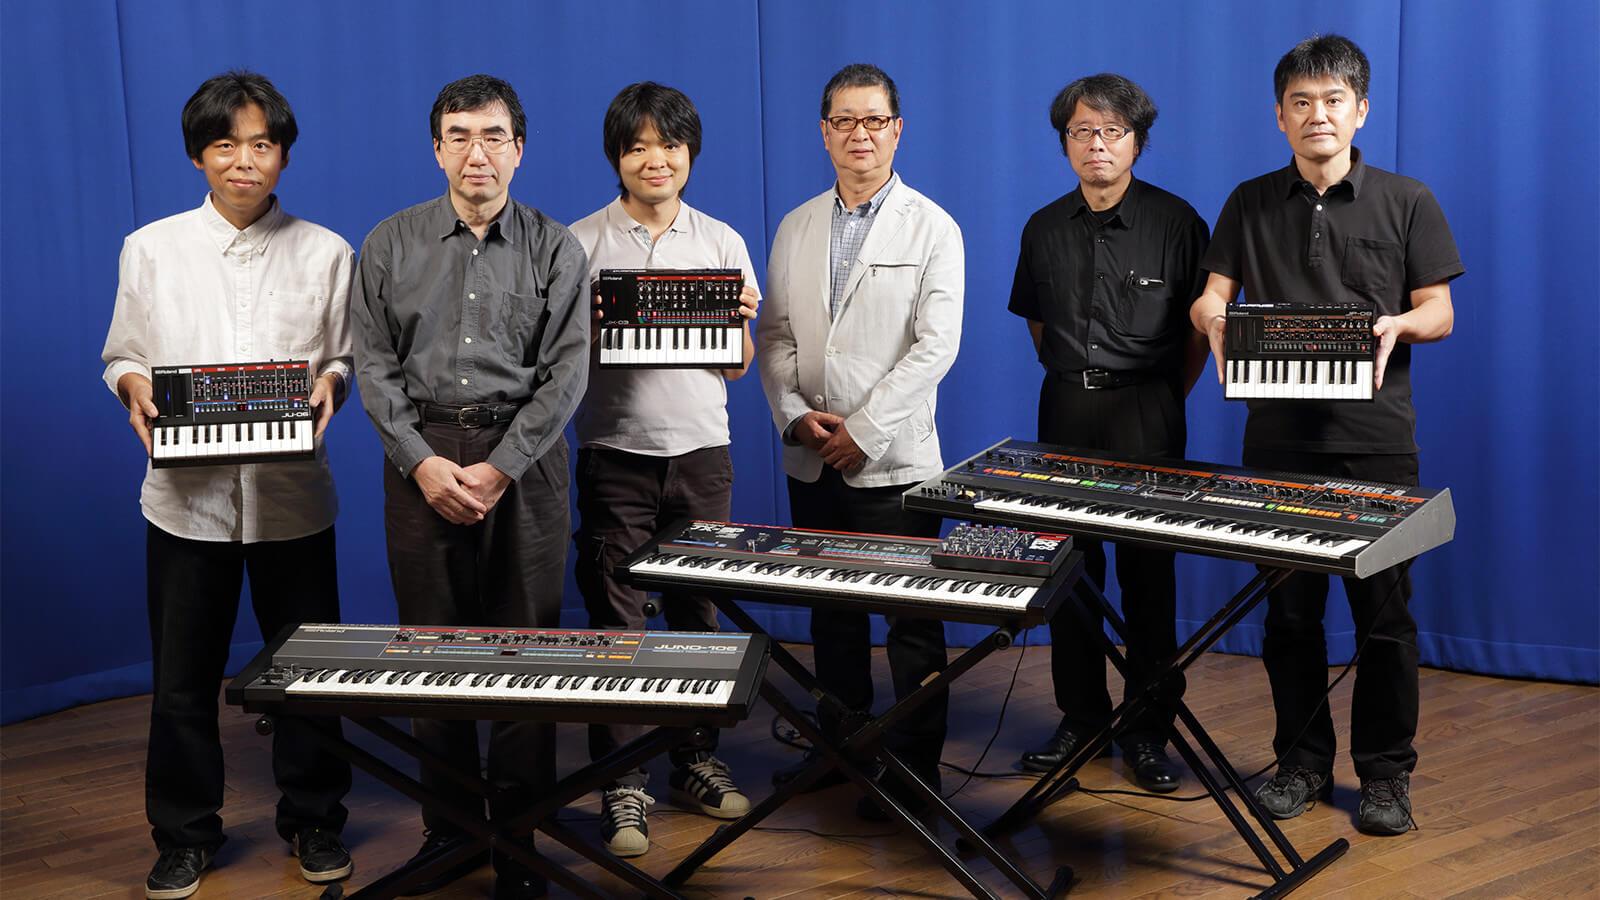 写真向かって左から、大西正人氏、井土秀樹氏、遠山裕丈氏、松井朗氏、高橋一寿氏、東條剛氏